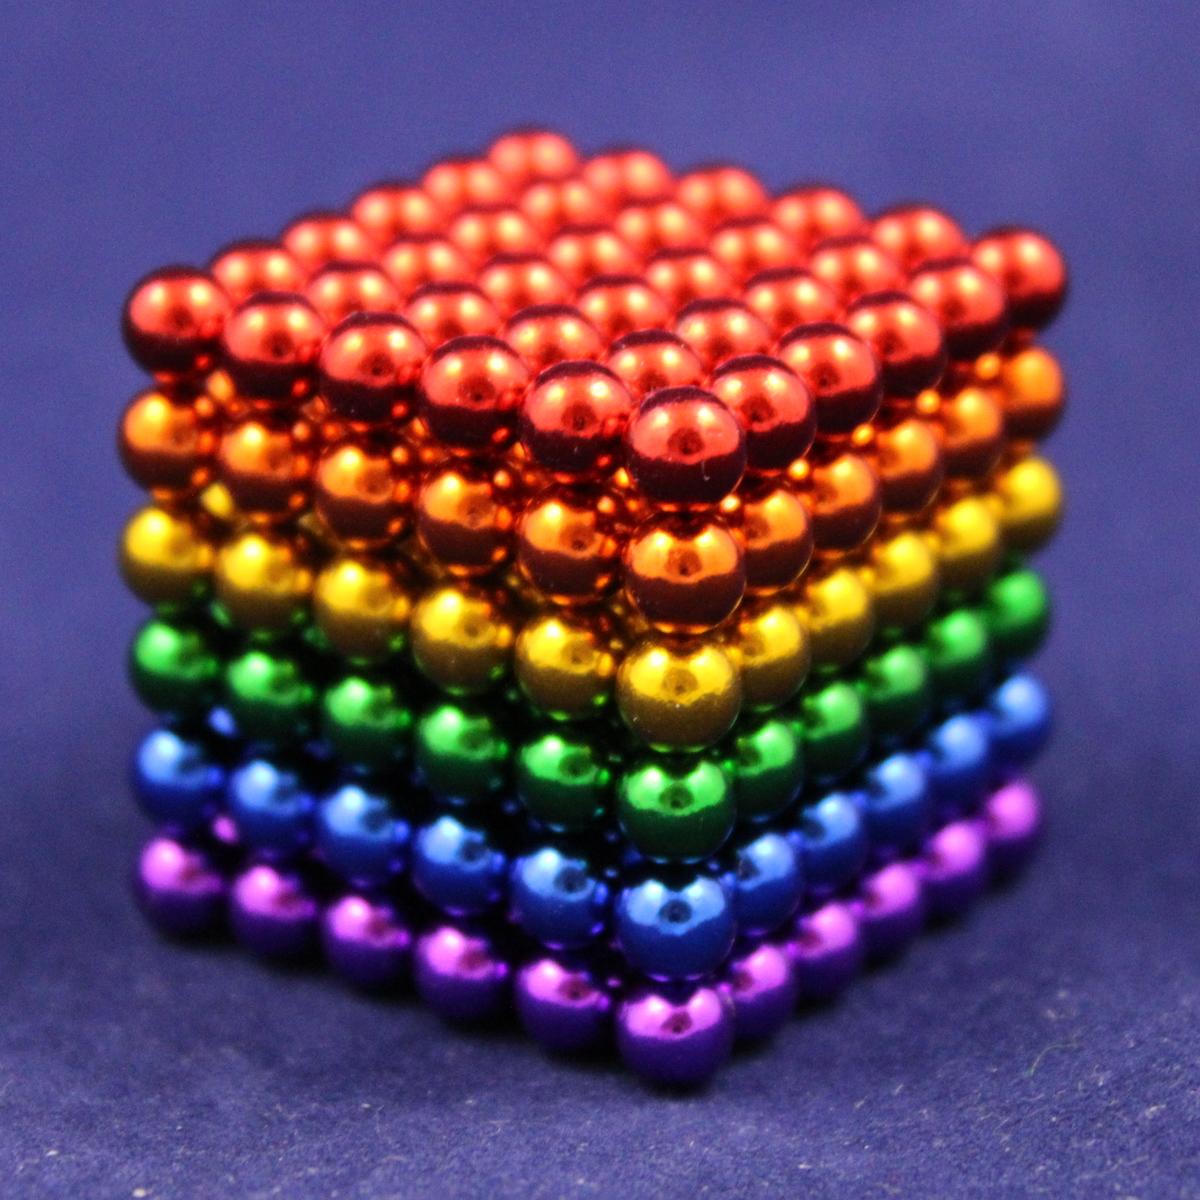 blau Neocube 216 Magnet Würfel Neodym Kugelmagnet DIY K... Neo Ball Cube 5mm